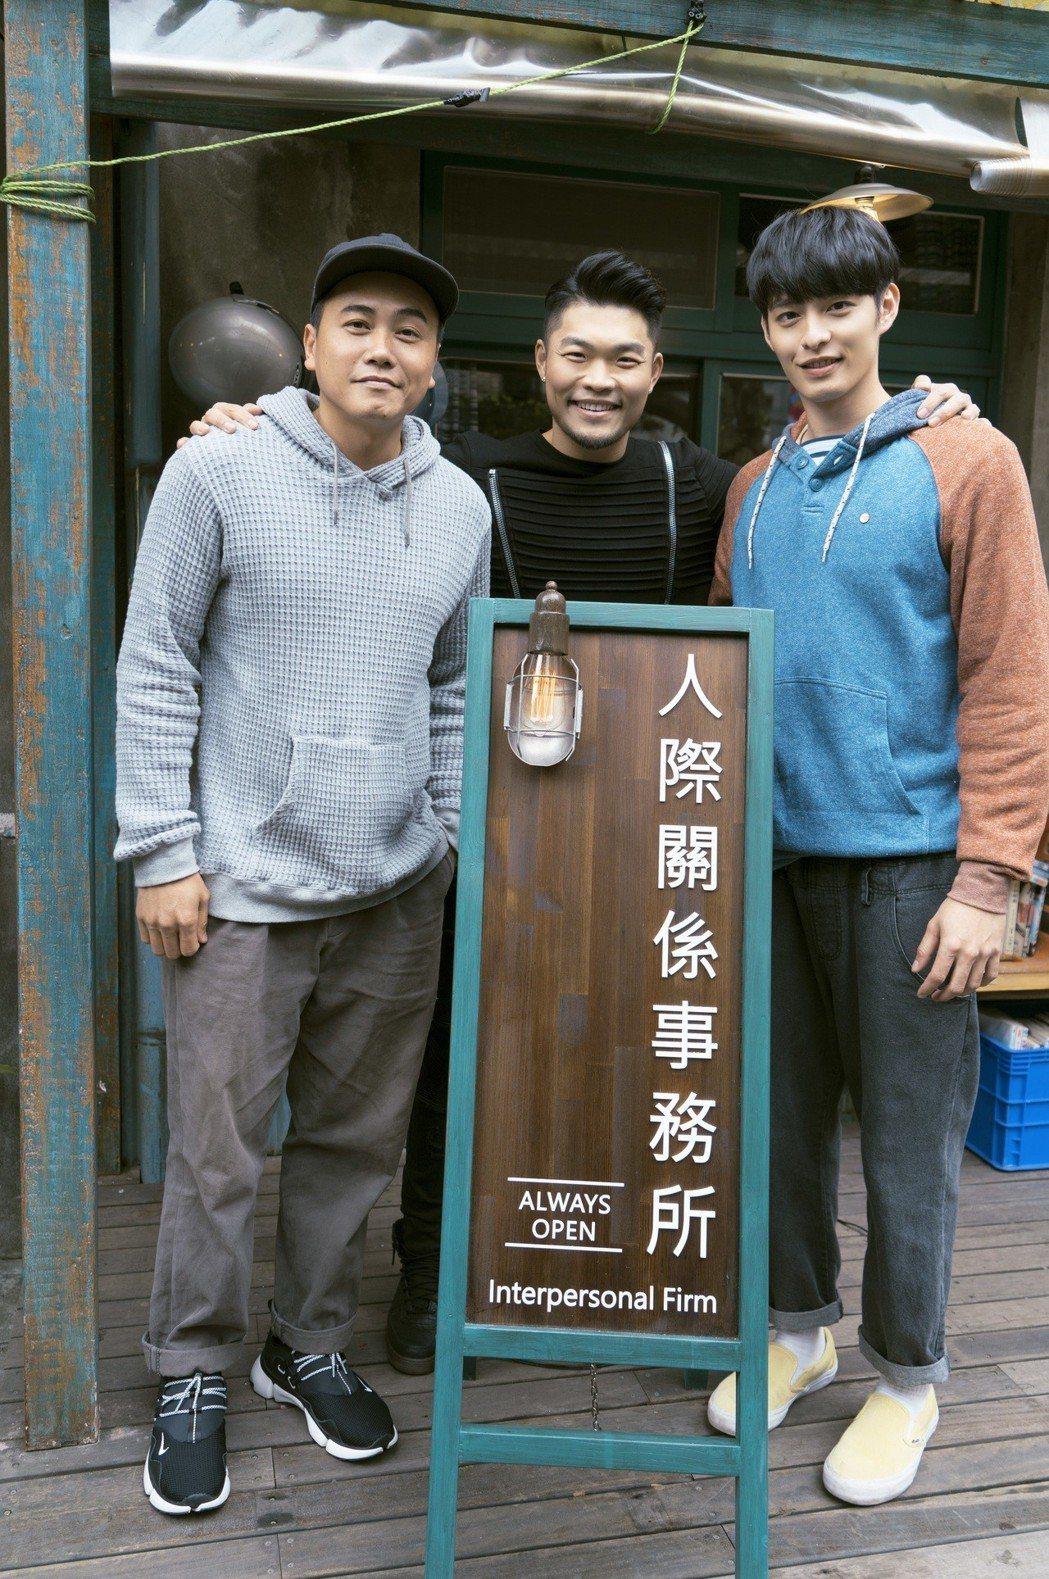 李玖哲(中)客串「人際關係事務所」,曹佑寧(右)秒變小粉絲。圖/歐銻銻娛樂提供